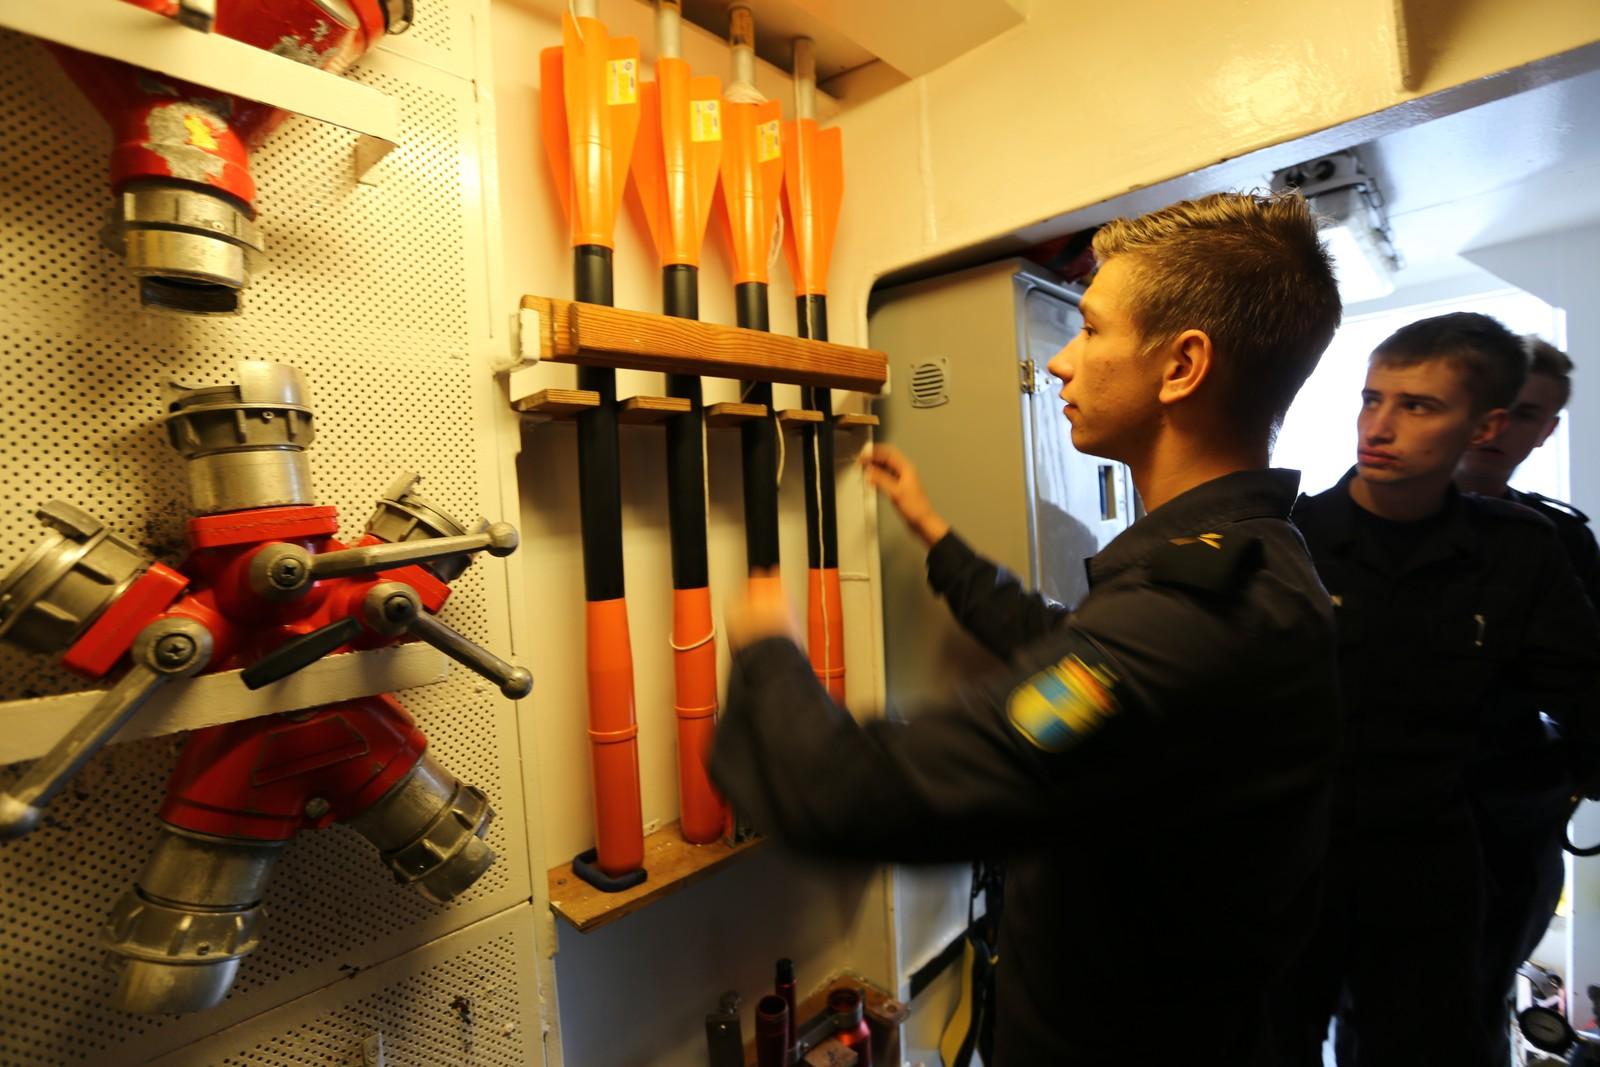 BRANNVERN: De vernepliktige om bord, her ved (foran) Erik Grindheim fra Bergen, har ansvaret for brannvernet. Her sjekker de utstyrsrommet.